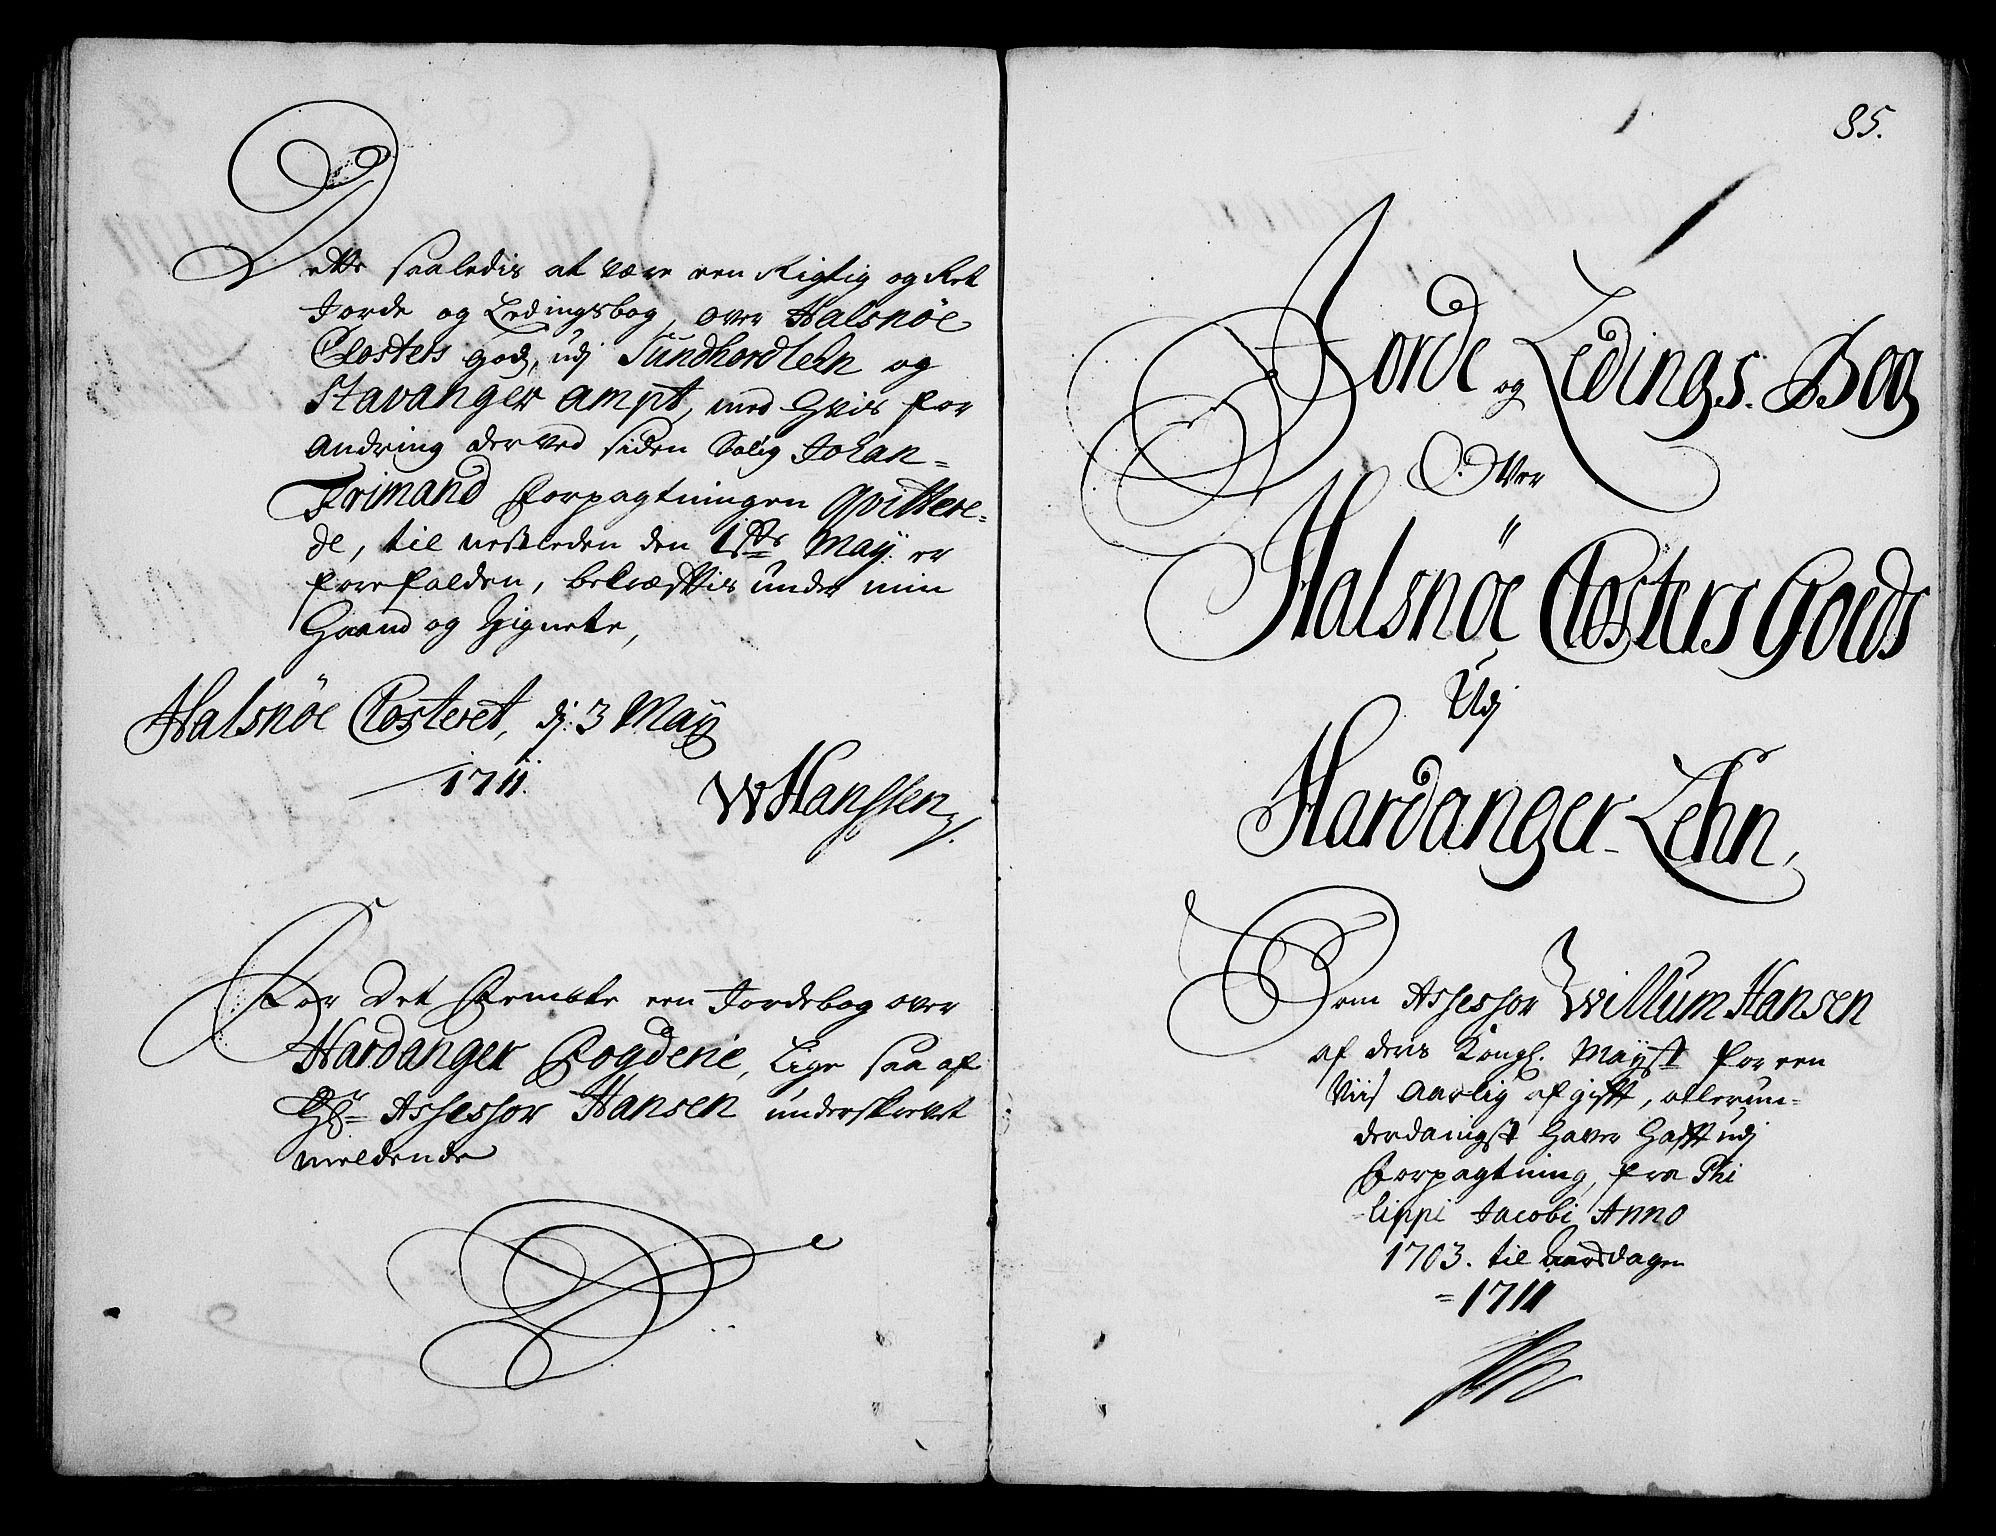 RA, Rentekammeret inntil 1814, Realistisk ordnet avdeling, On/L0003: [Jj 4]: Kommisjonsforretning over Vilhelm Hanssøns forpaktning av Halsnøy klosters gods, 1712-1722, s. 84b-85a